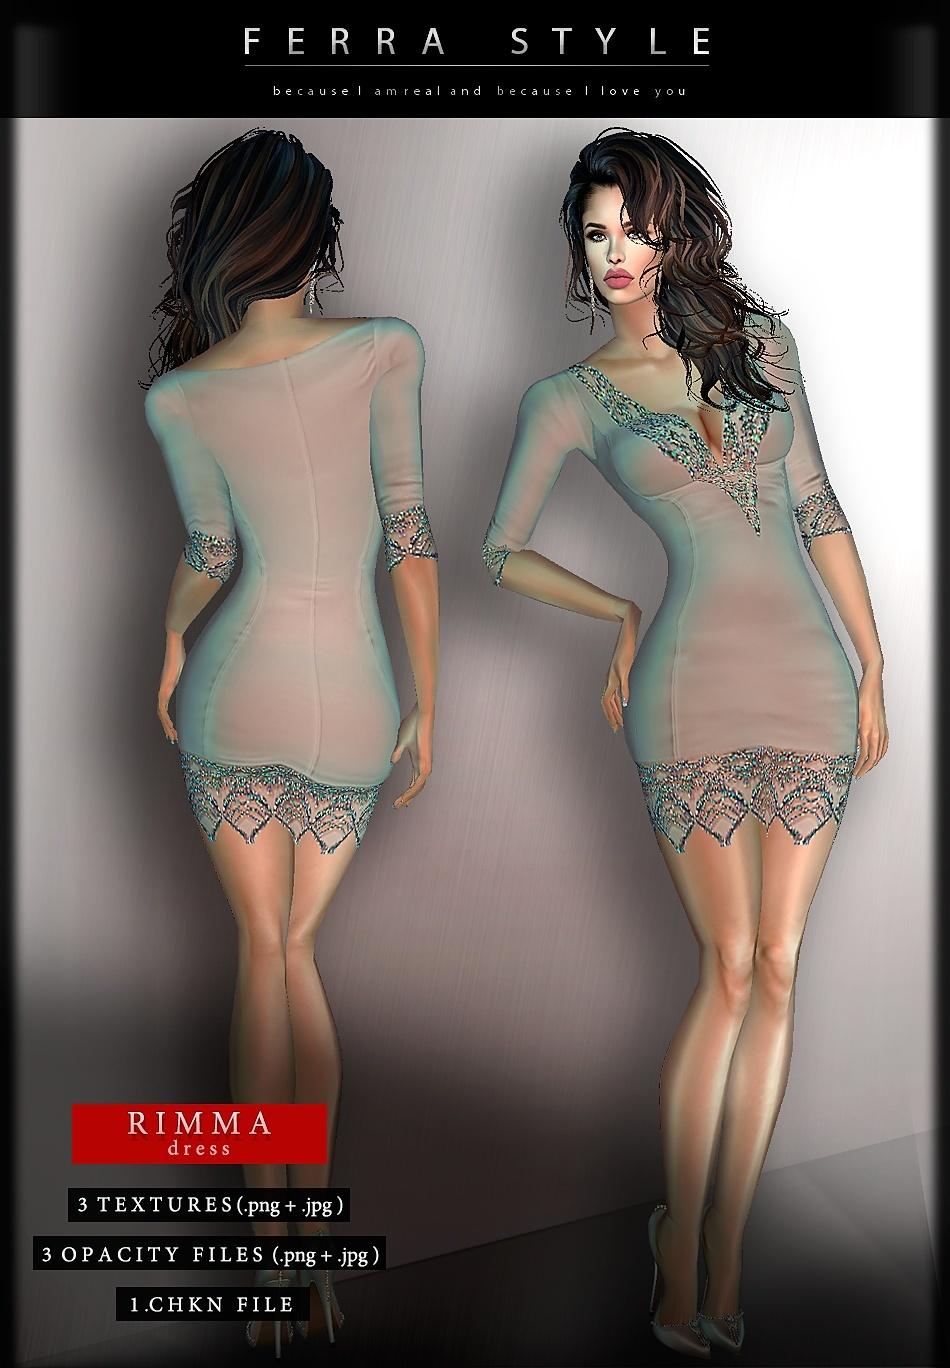 :: RIMMA DRESS ::